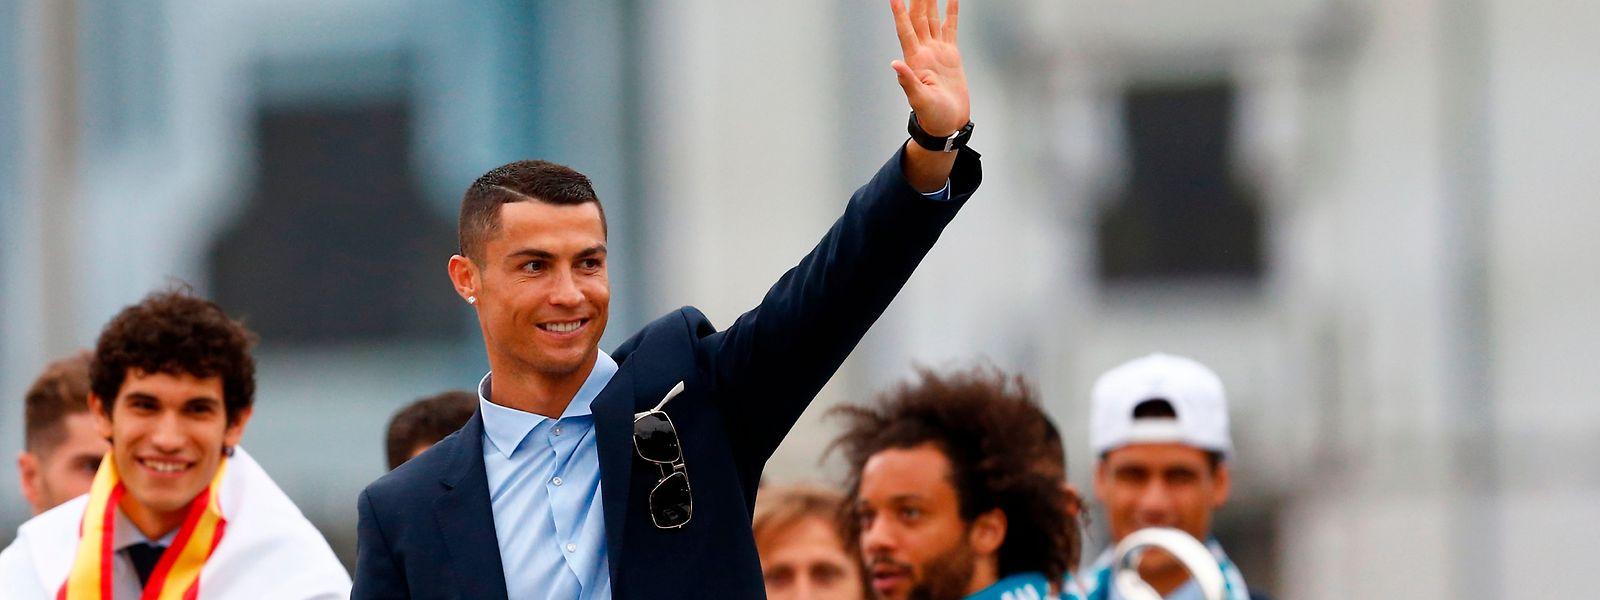 Cristiano Ronaldo despede-se do Real com estatuto de inigualável na imprensa espanhola.